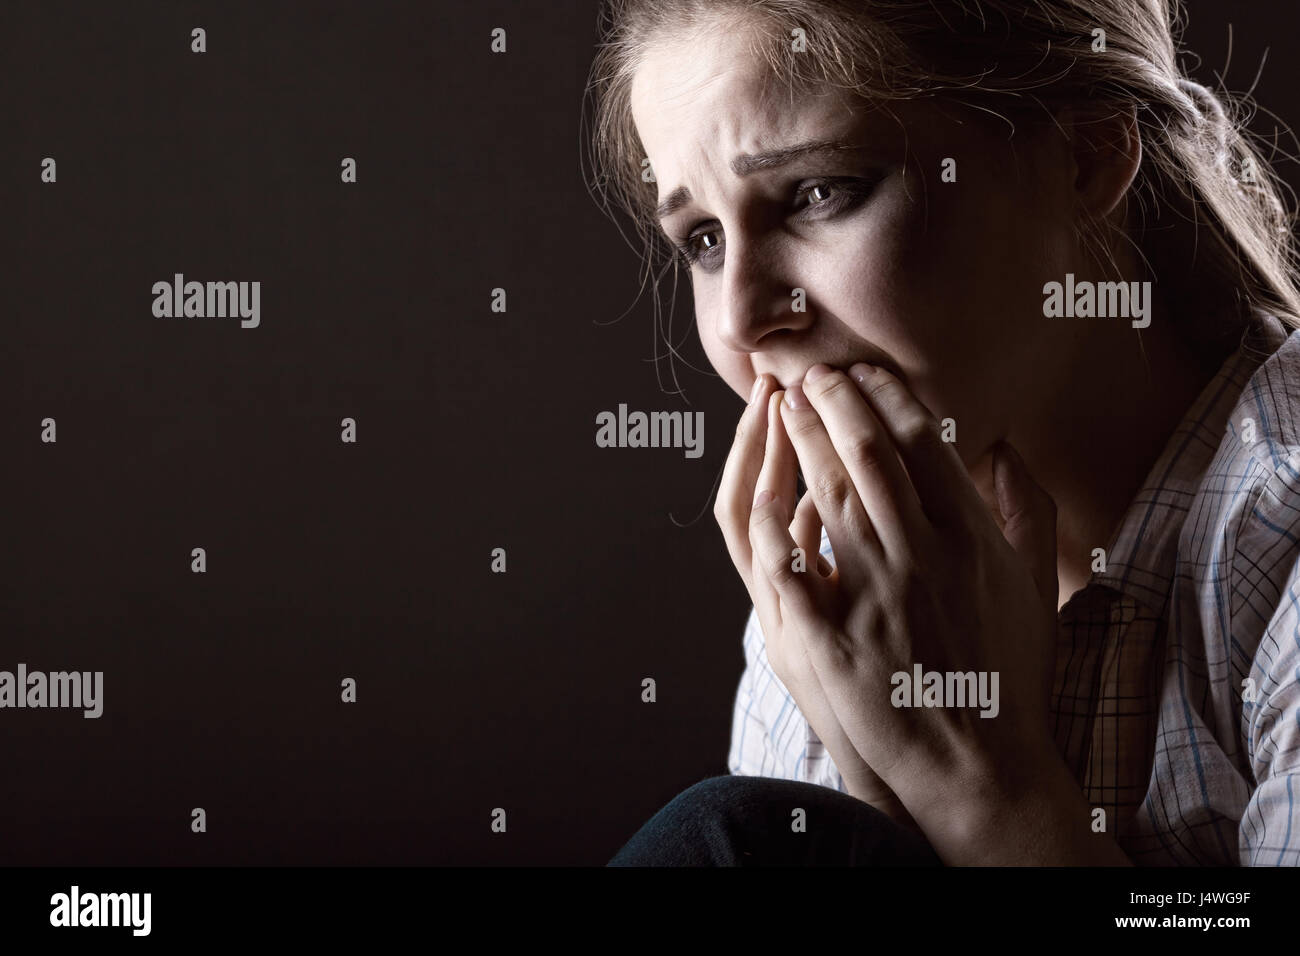 Jeune femme pleurer sur fond sombre Photo Stock